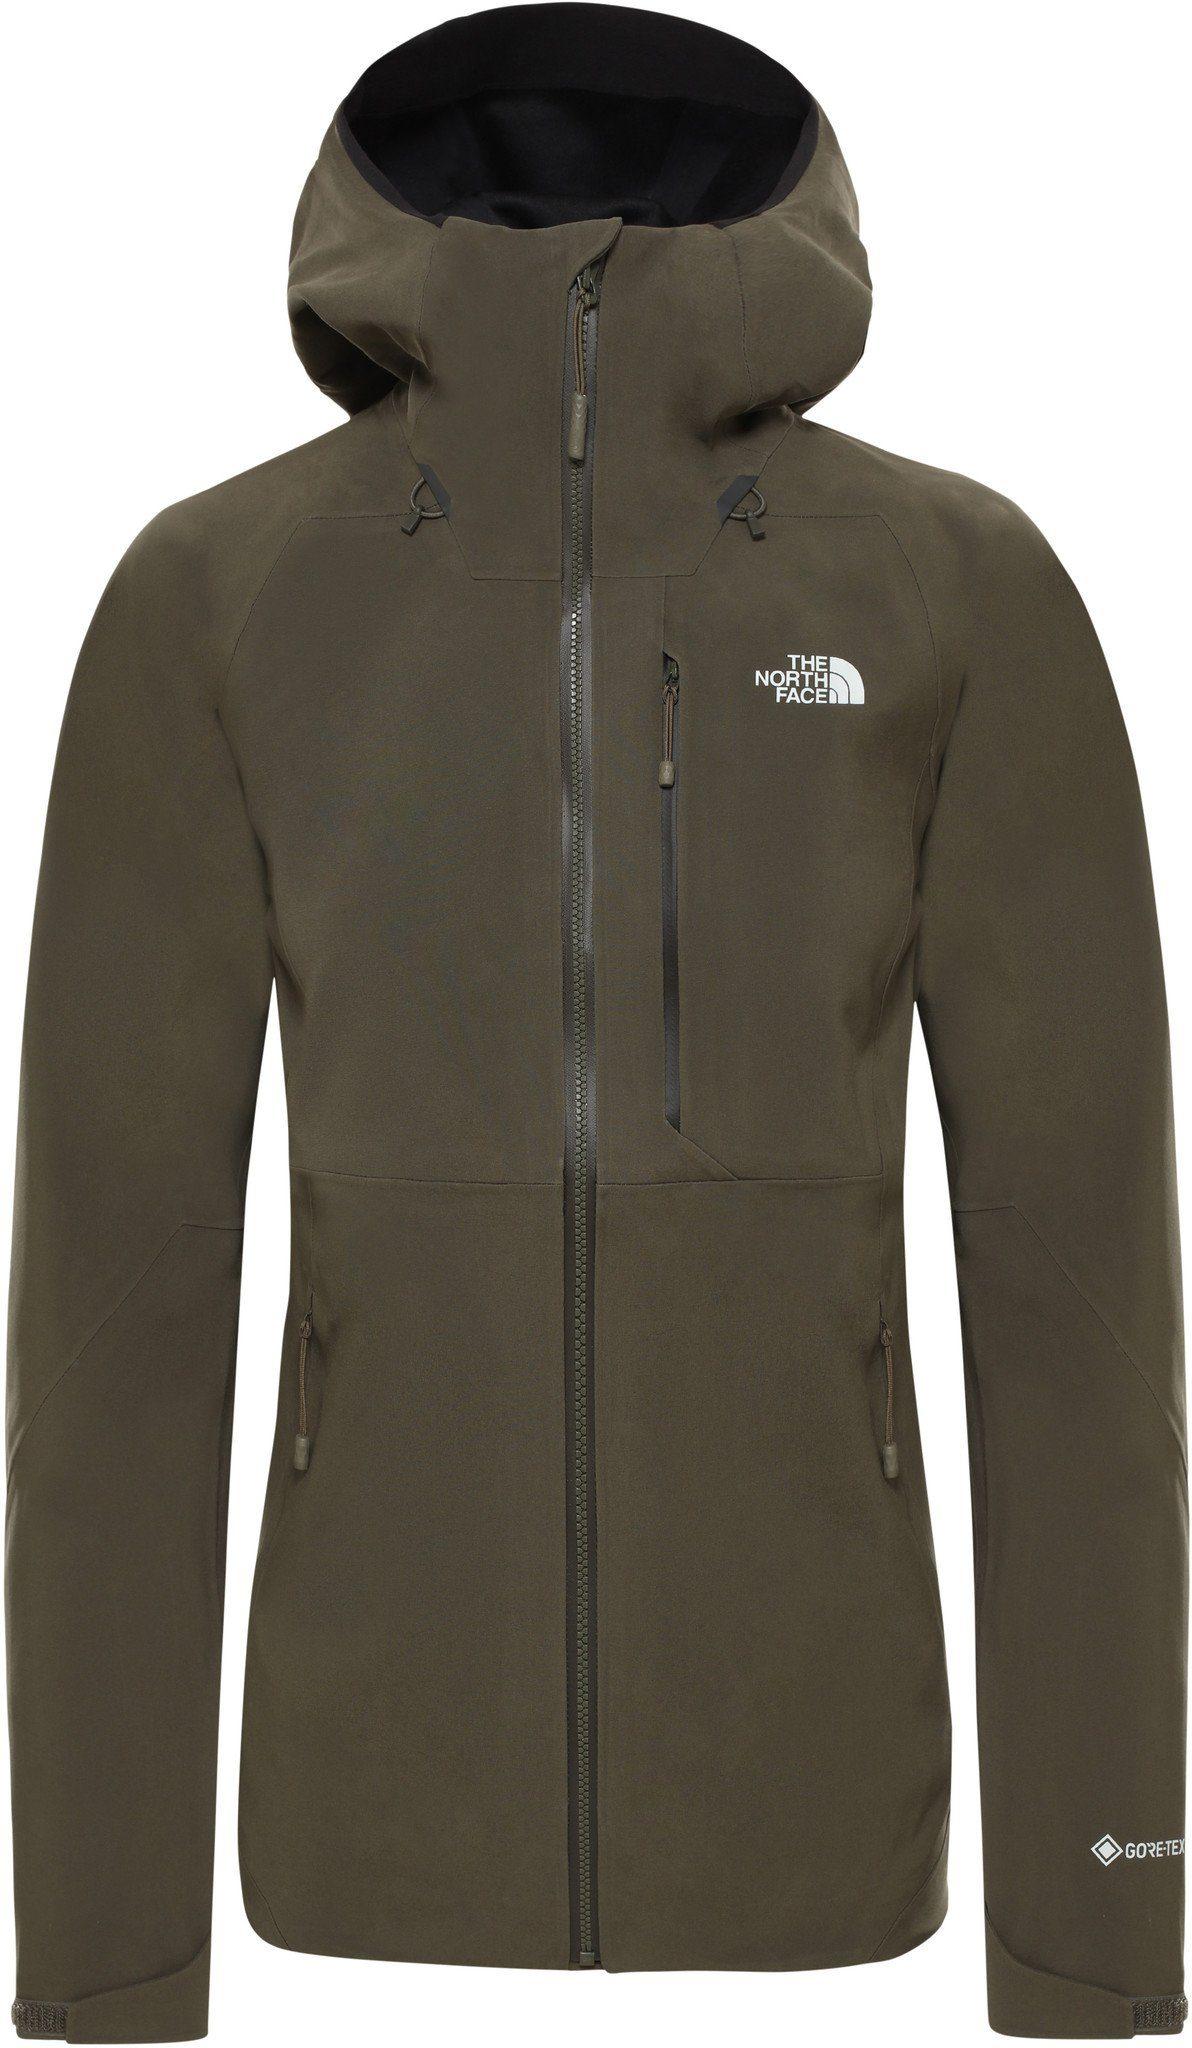 The North Face Outdoorjacke »Apex Flex GTX 2.0 Jacke Damen« online kaufen | OTTO